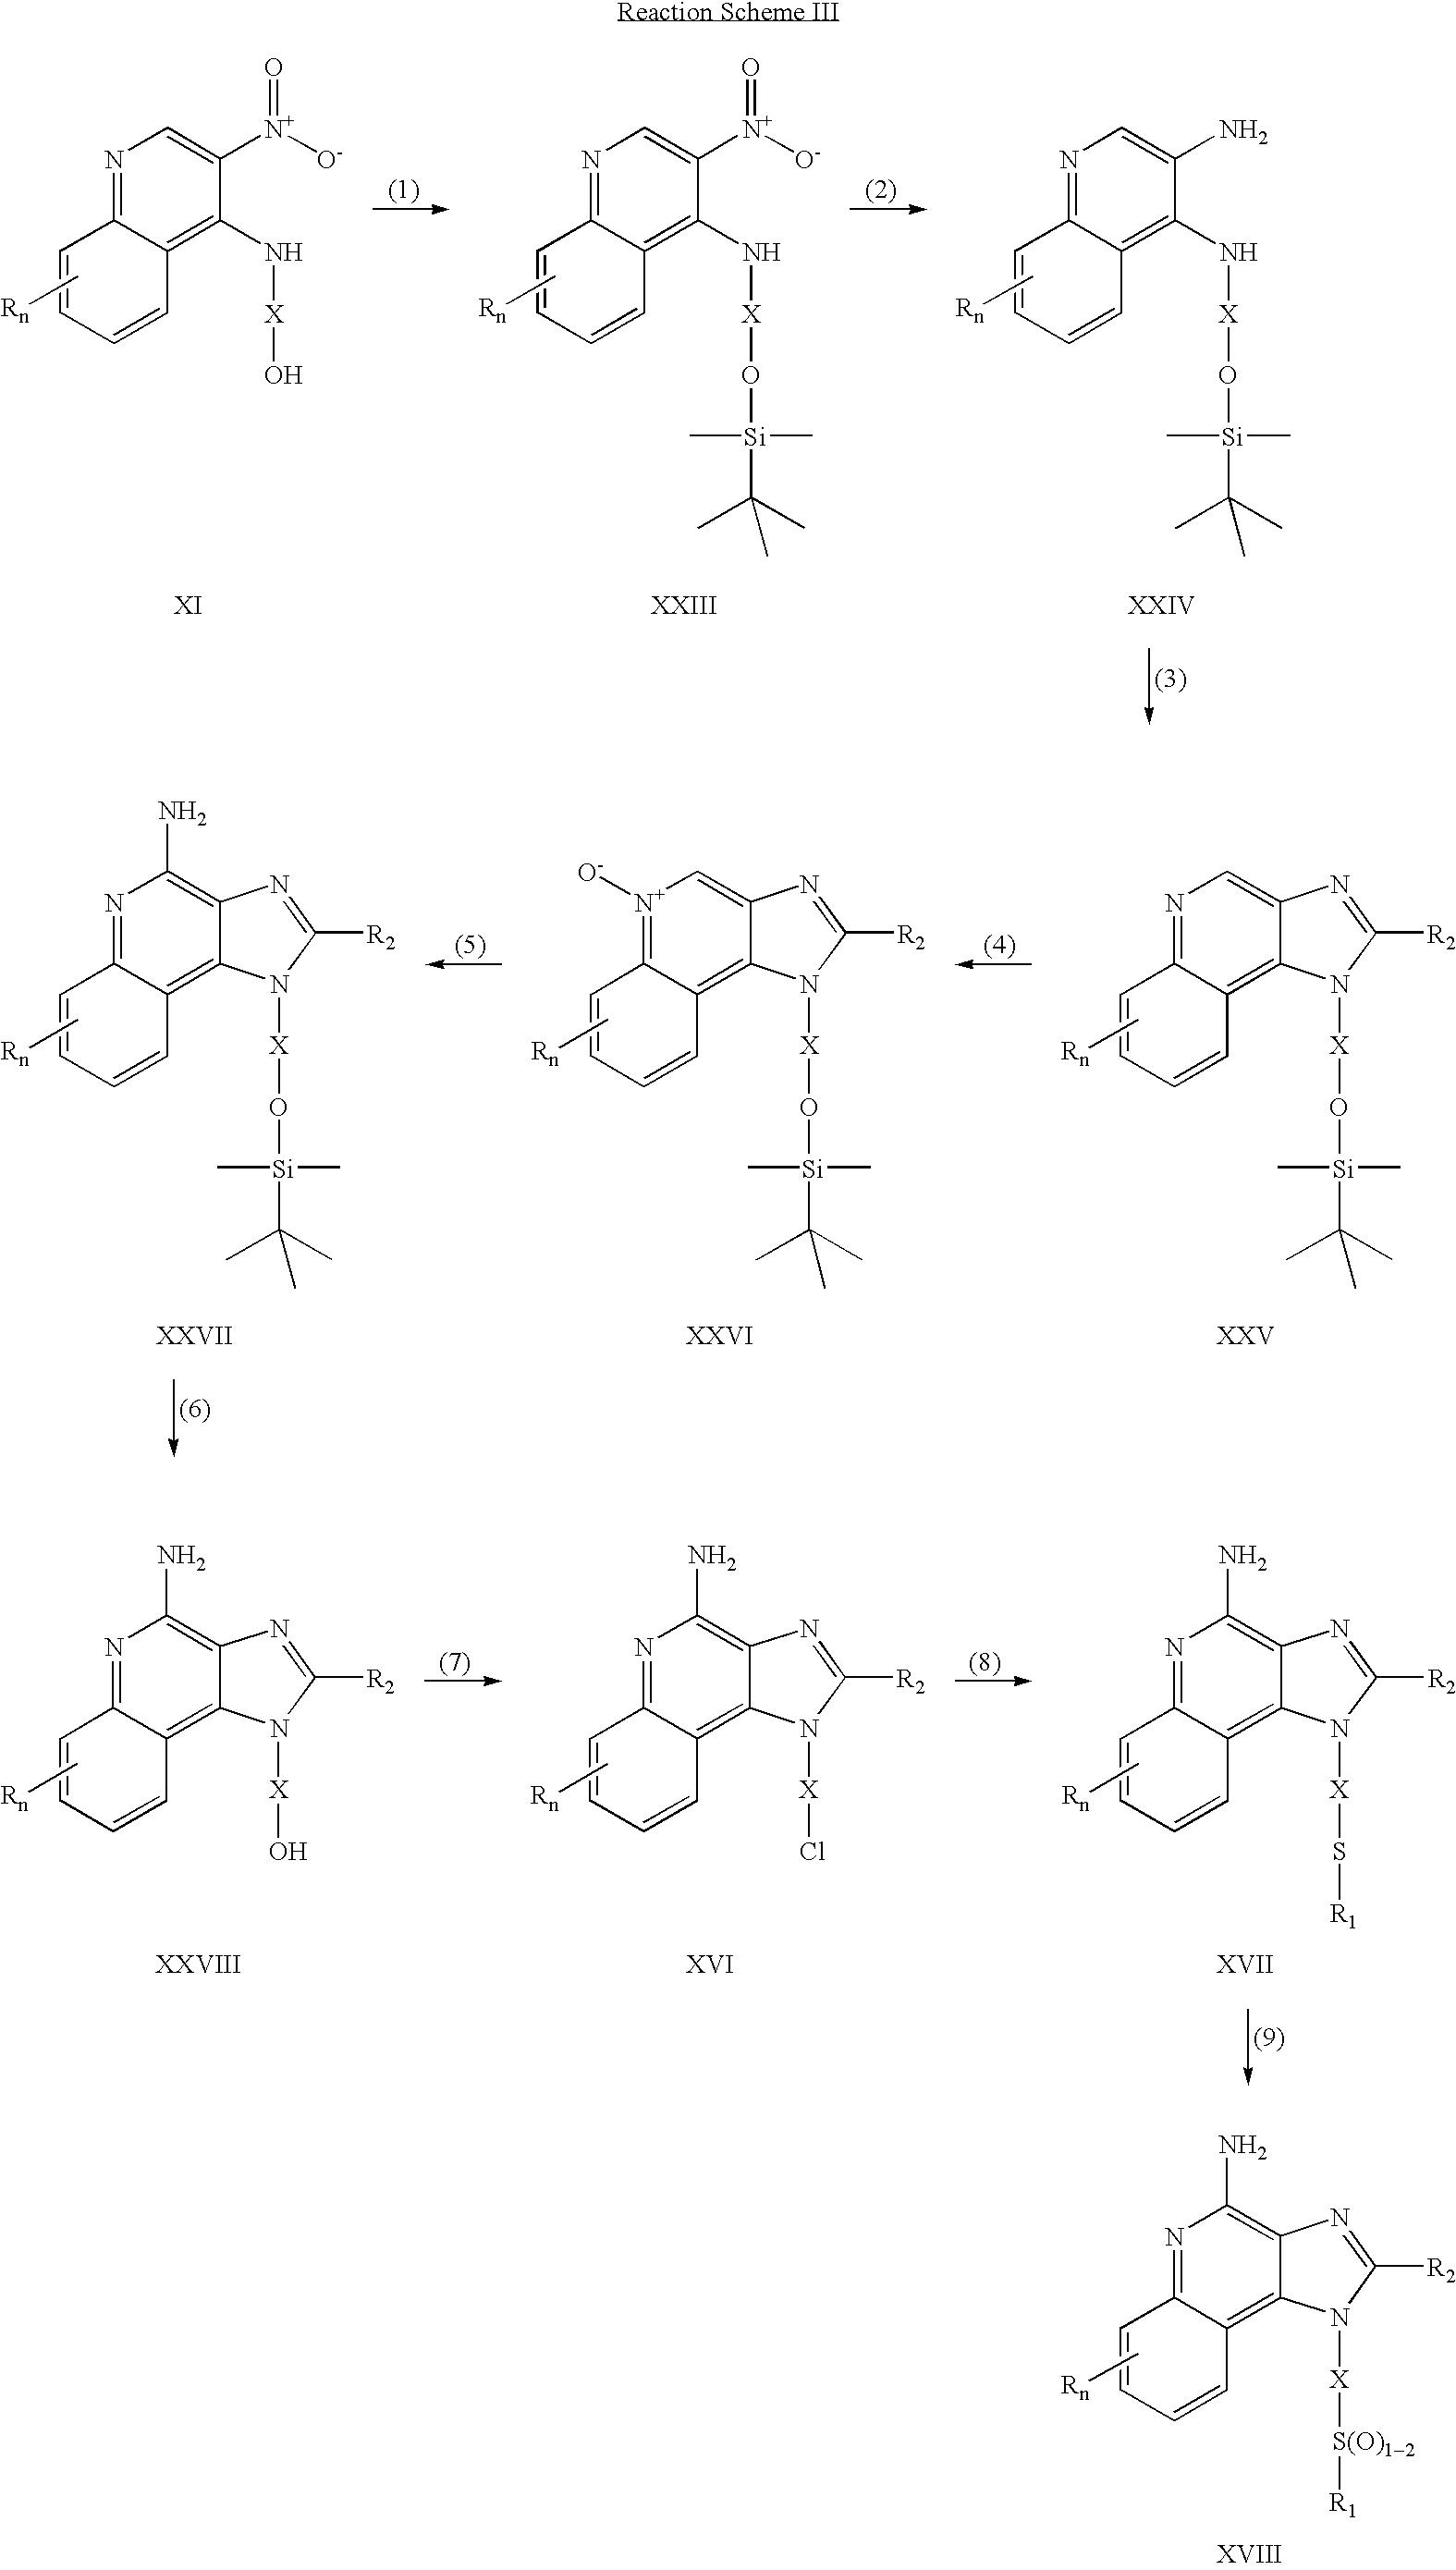 Figure US20050209267A1-20050922-C00006